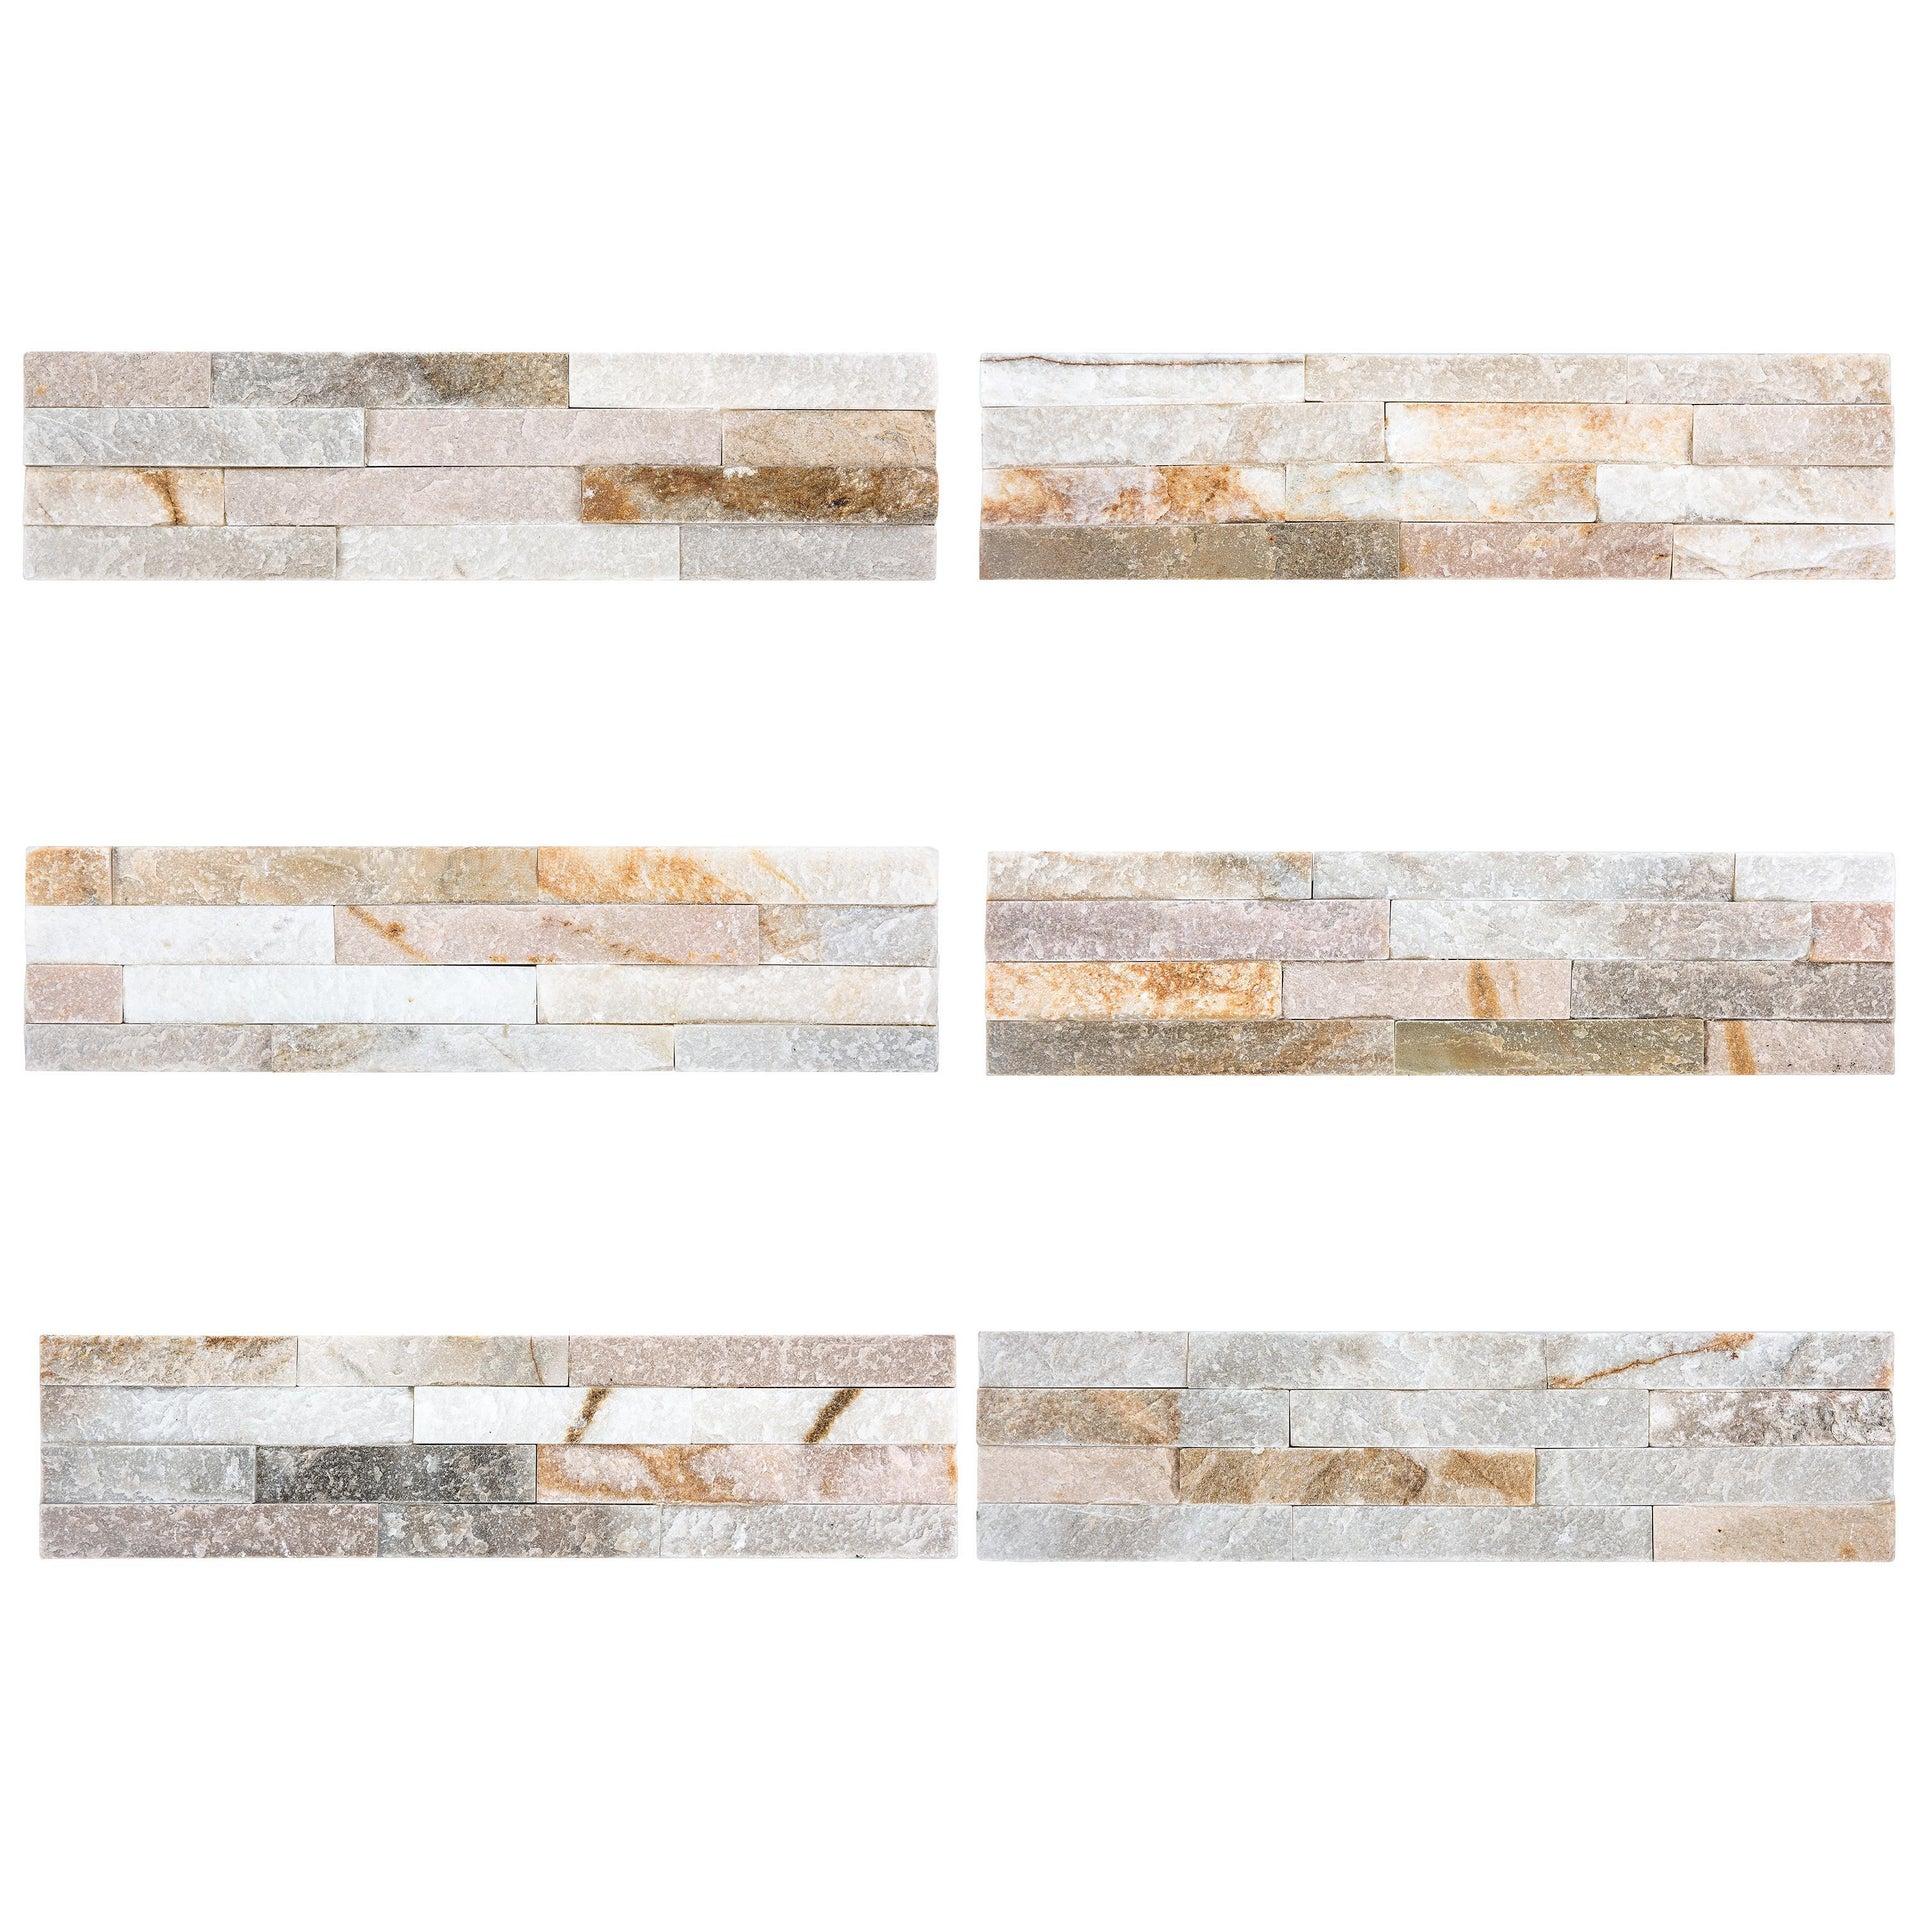 Rivestimento strutturato in pietra naturale Meru L 40 x L 10 cm, Sp 12 mm interno / esterno - 3